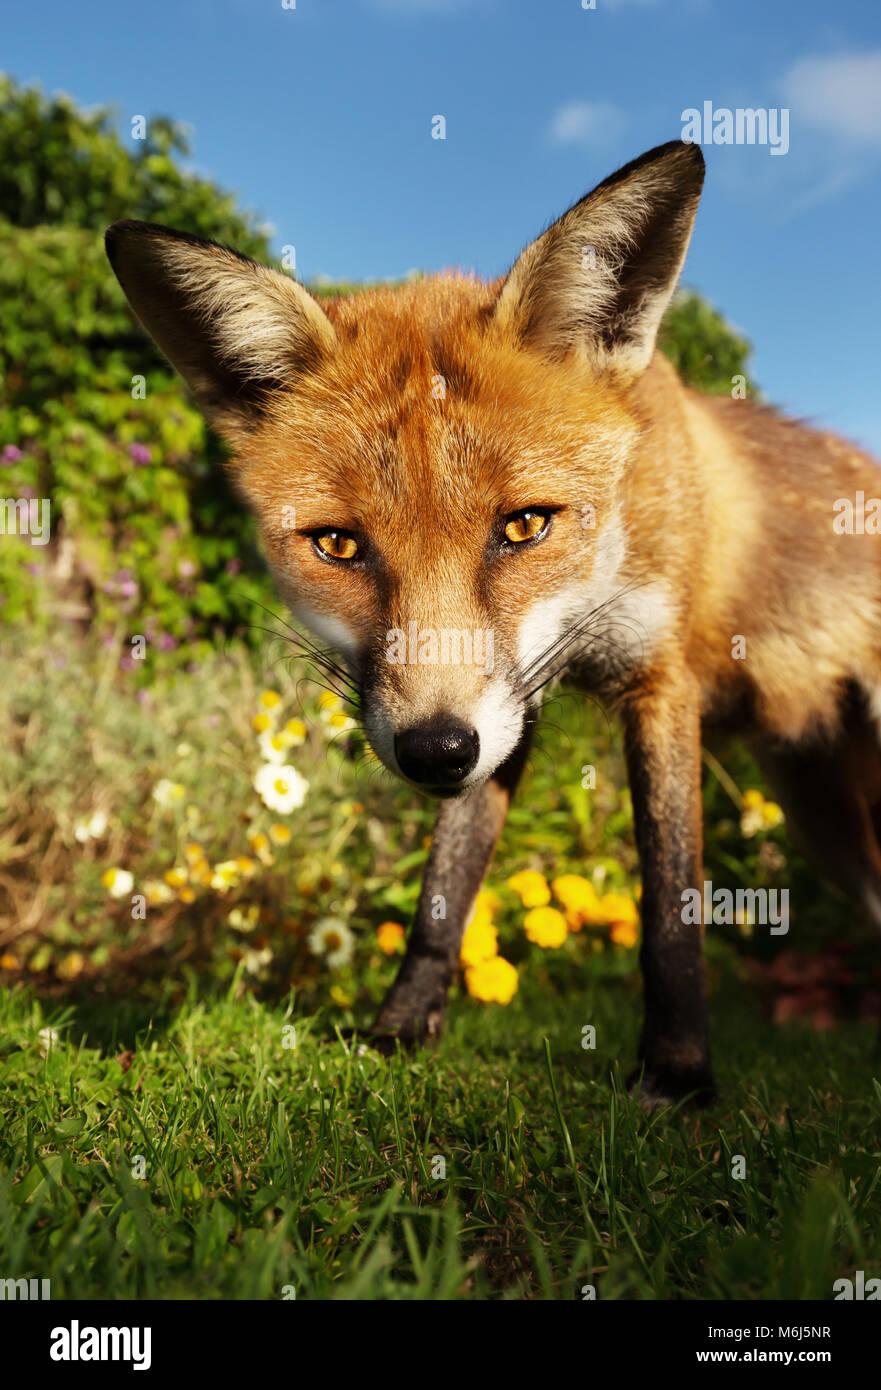 Nahaufnahme eines roten Fuchs im Garten mit Blumen, Sommer in Großbritannien. Stockbild